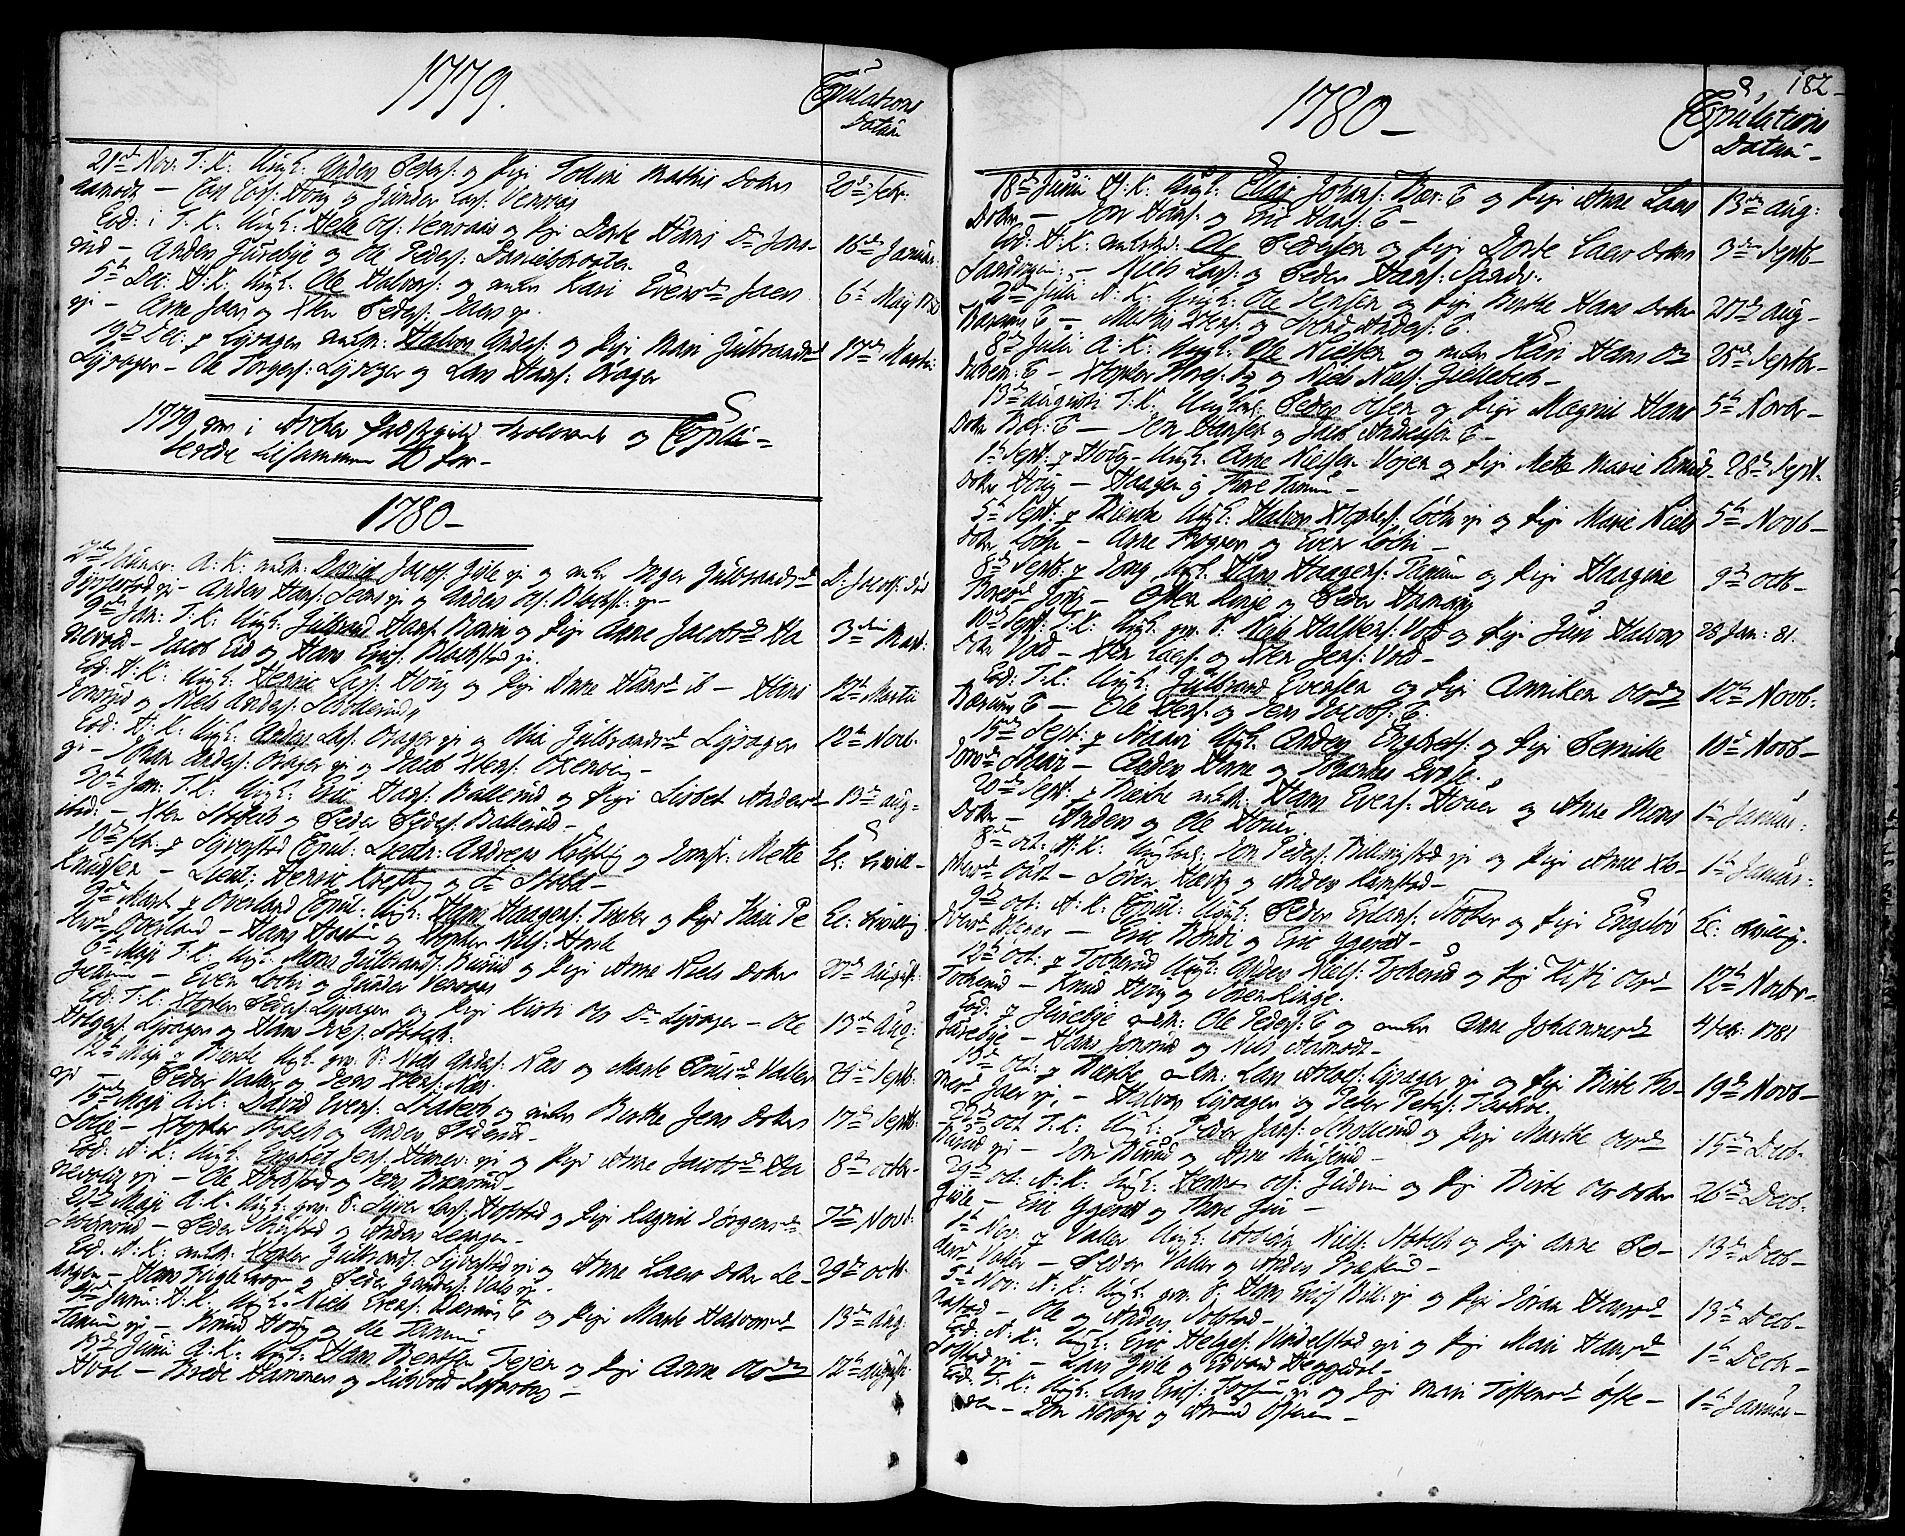 SAO, Asker prestekontor Kirkebøker, F/Fa/L0003: Ministerialbok nr. I 3, 1767-1807, s. 182